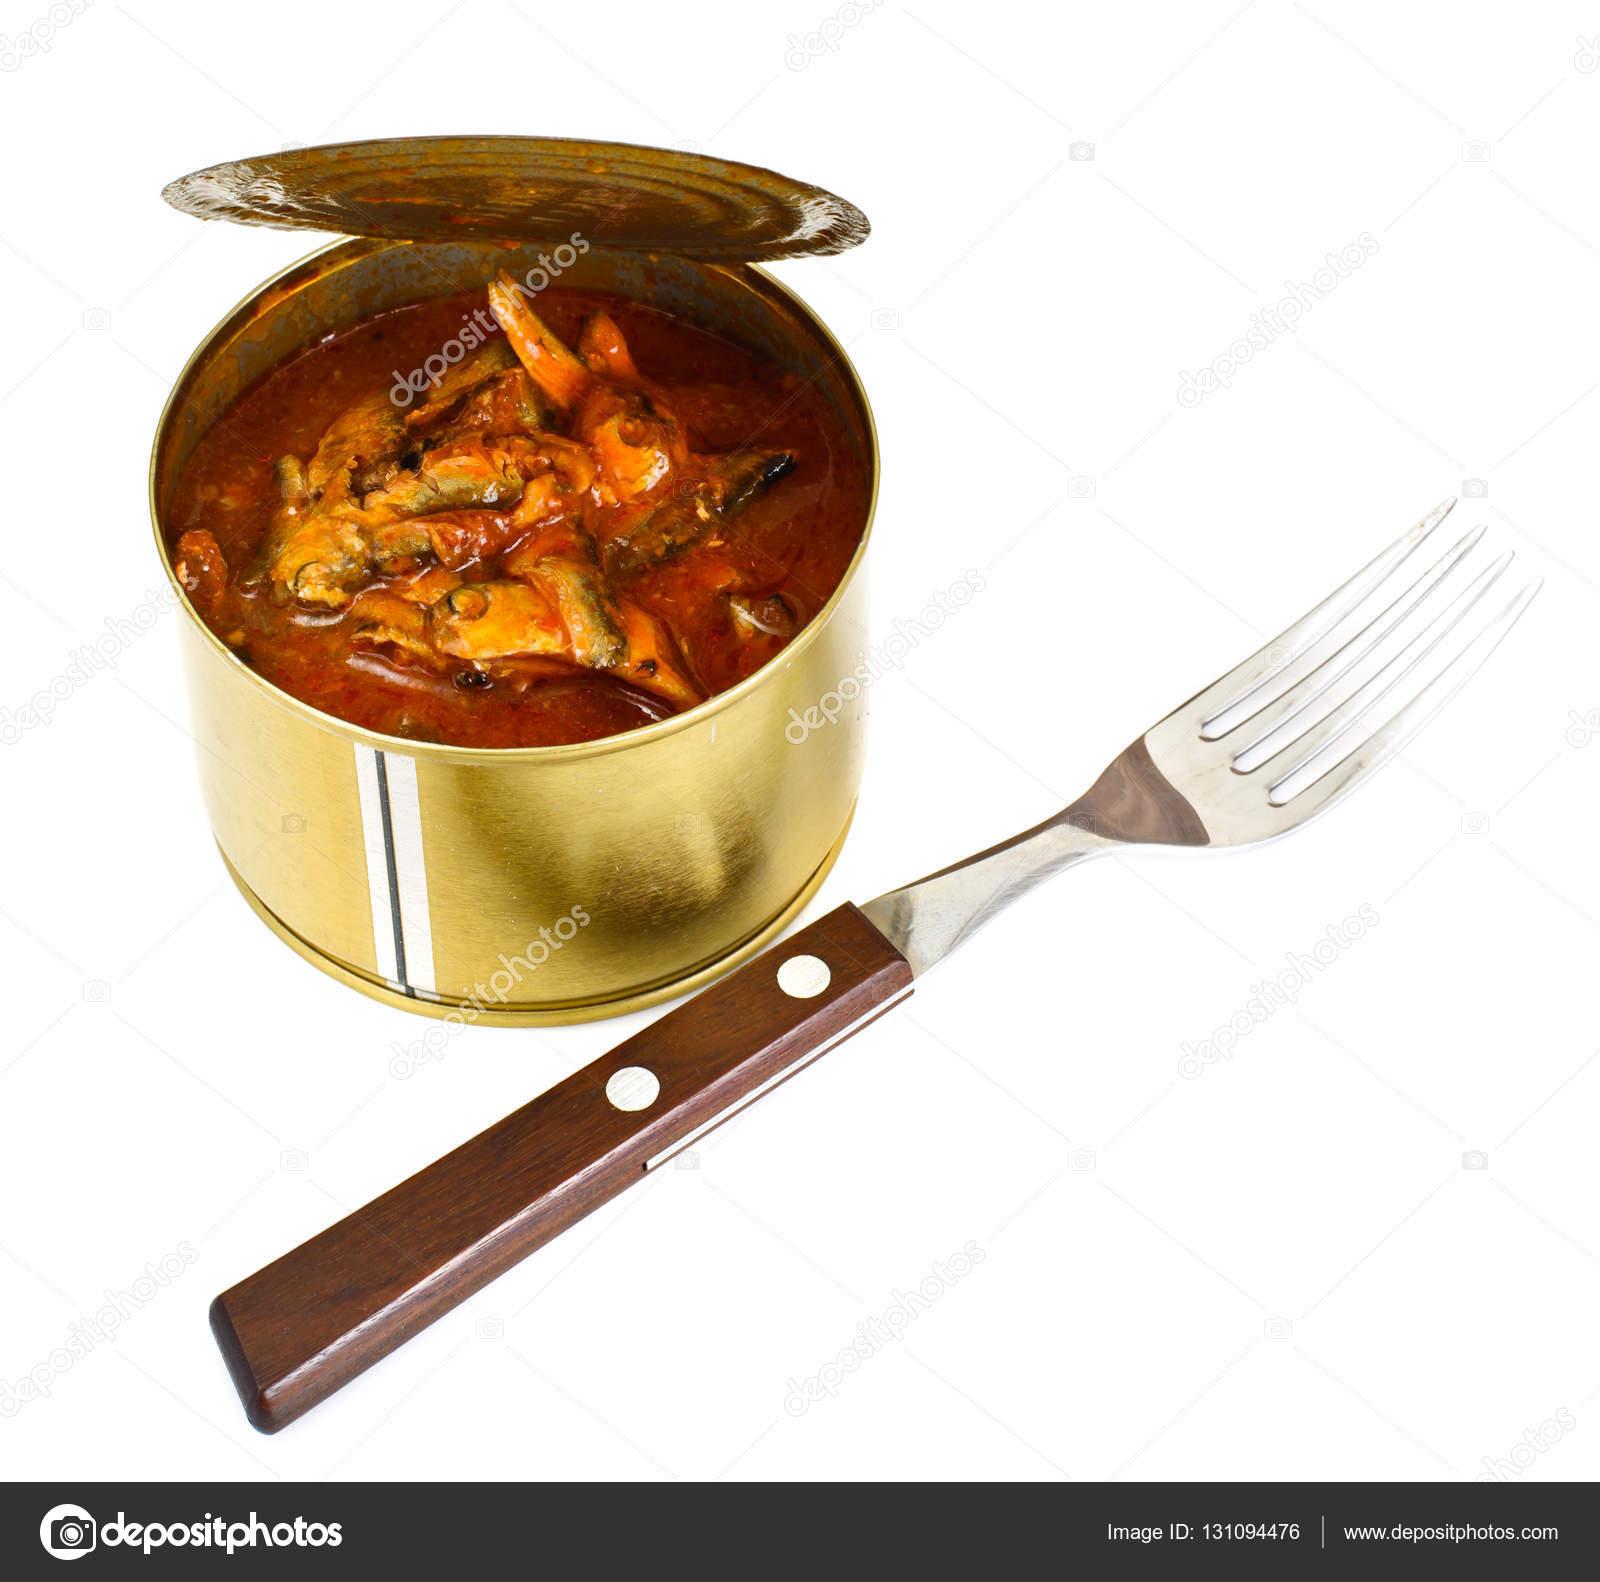 Fish sprat soup in tomato sauce: a recipe 81